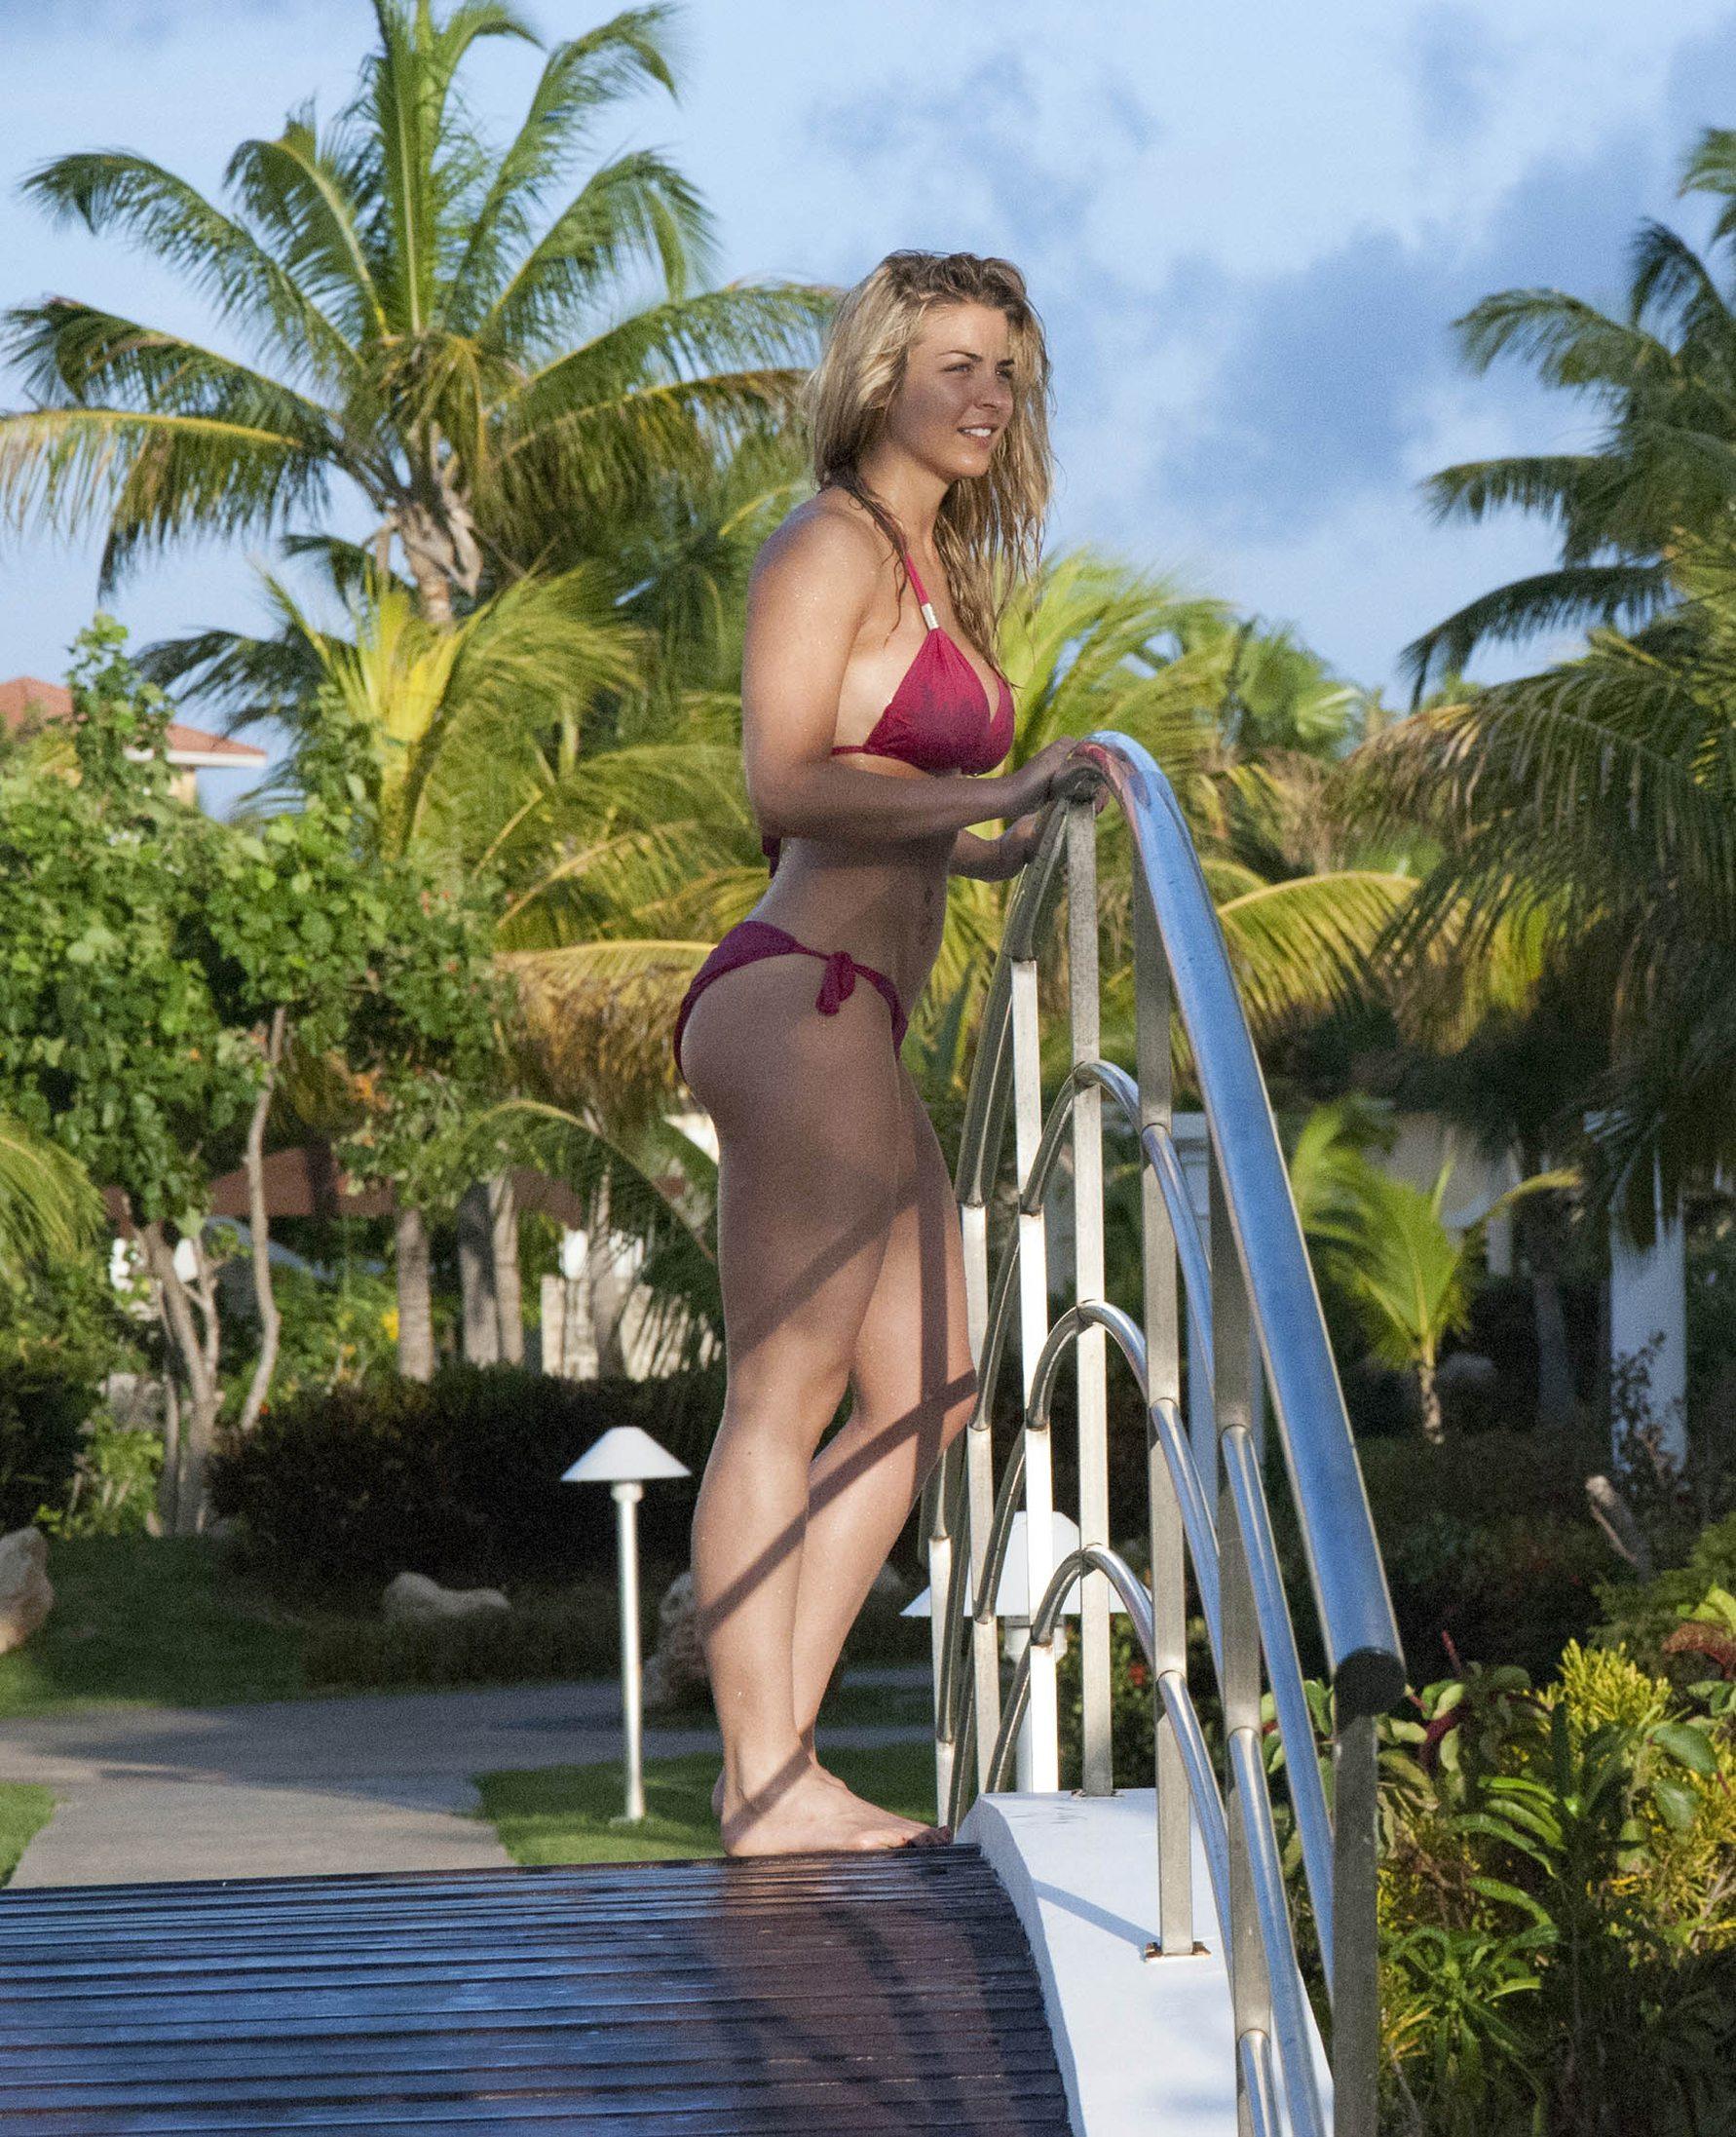 Gemma-Atkinson-in-a-Bikini-6